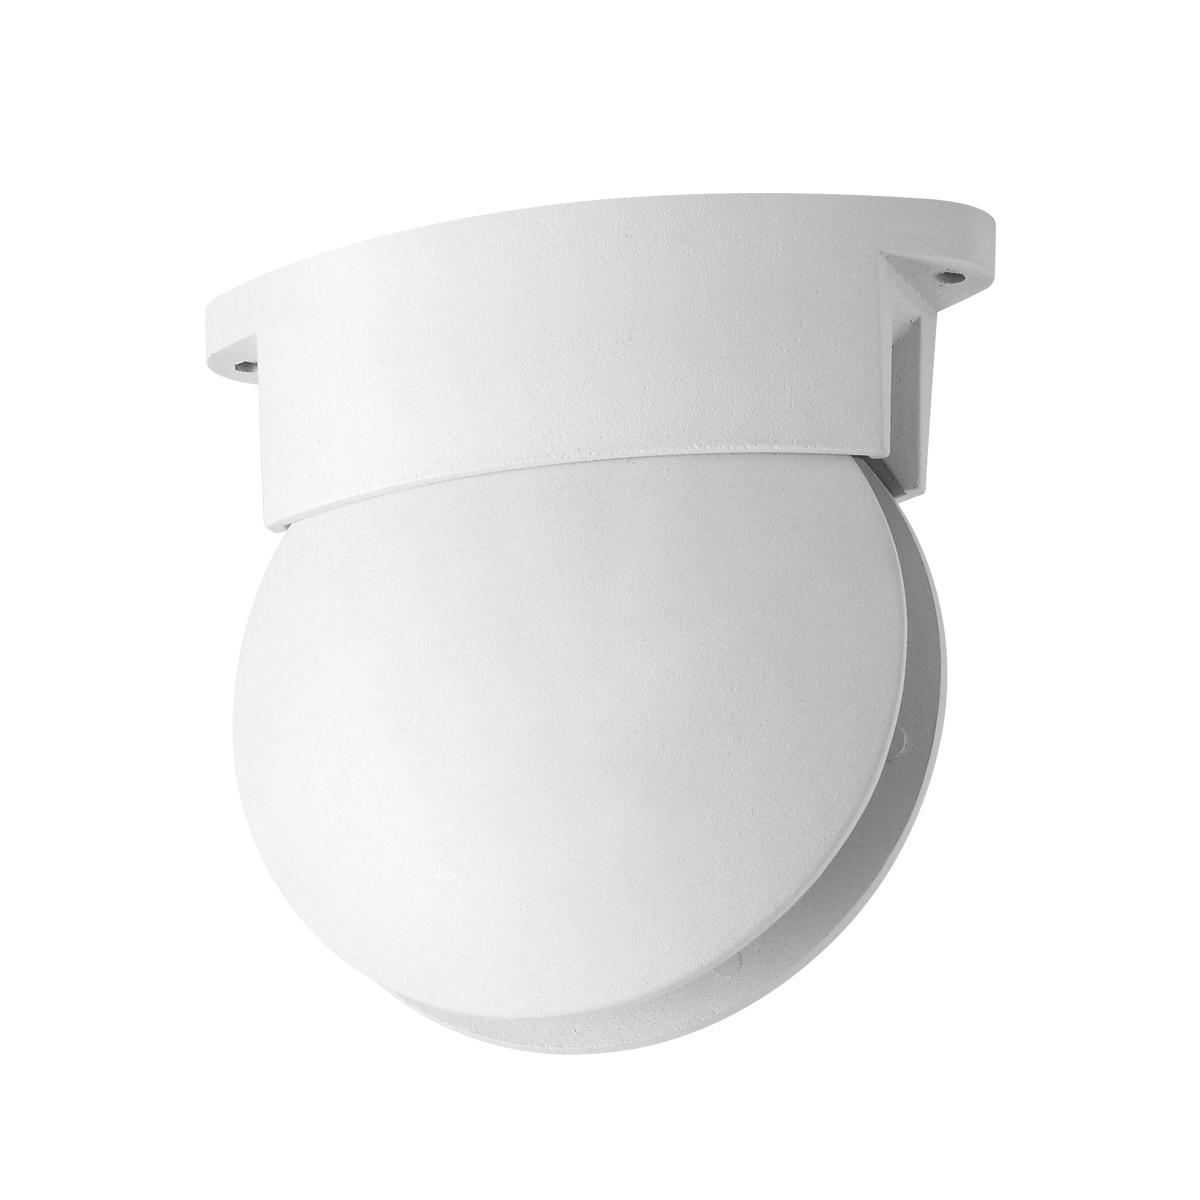 Настенный светодиодный светильник с пультом ДУ Odeon Light Arrow 3916/9CL, IP65, LED 9W 4000K + RGB 450lm - фото 2